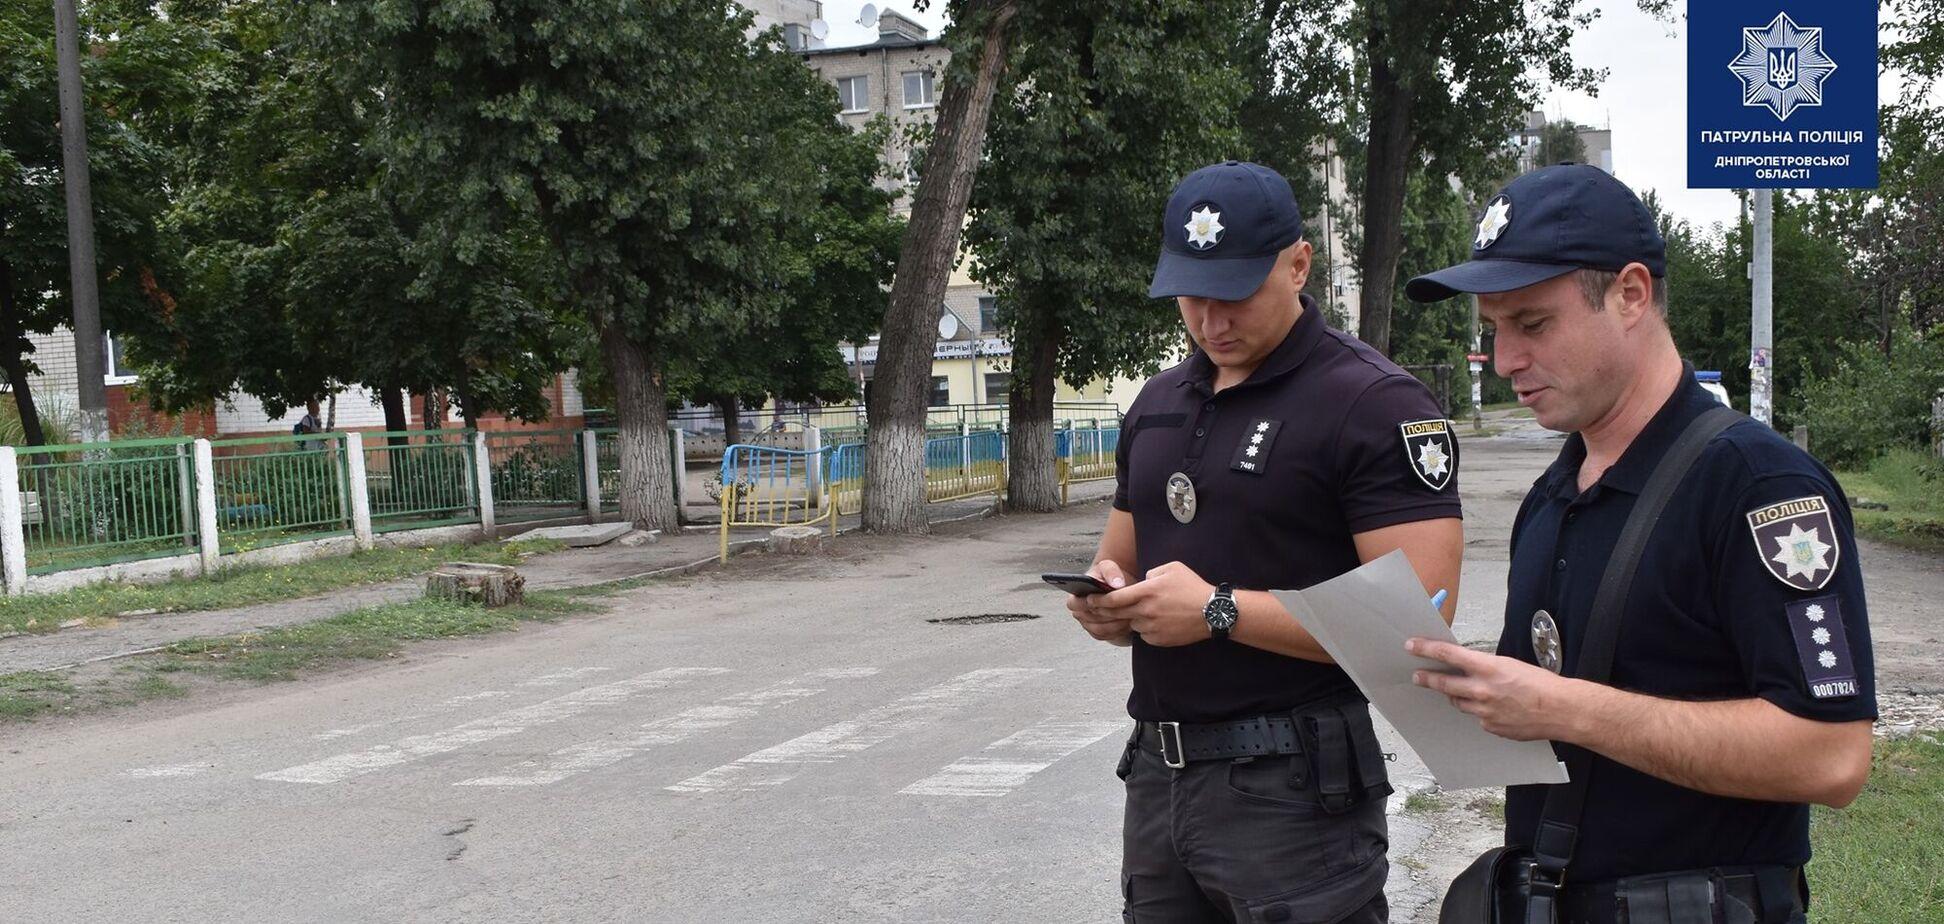 Поліція Дніпра обстежує дороги напередодні навчального року